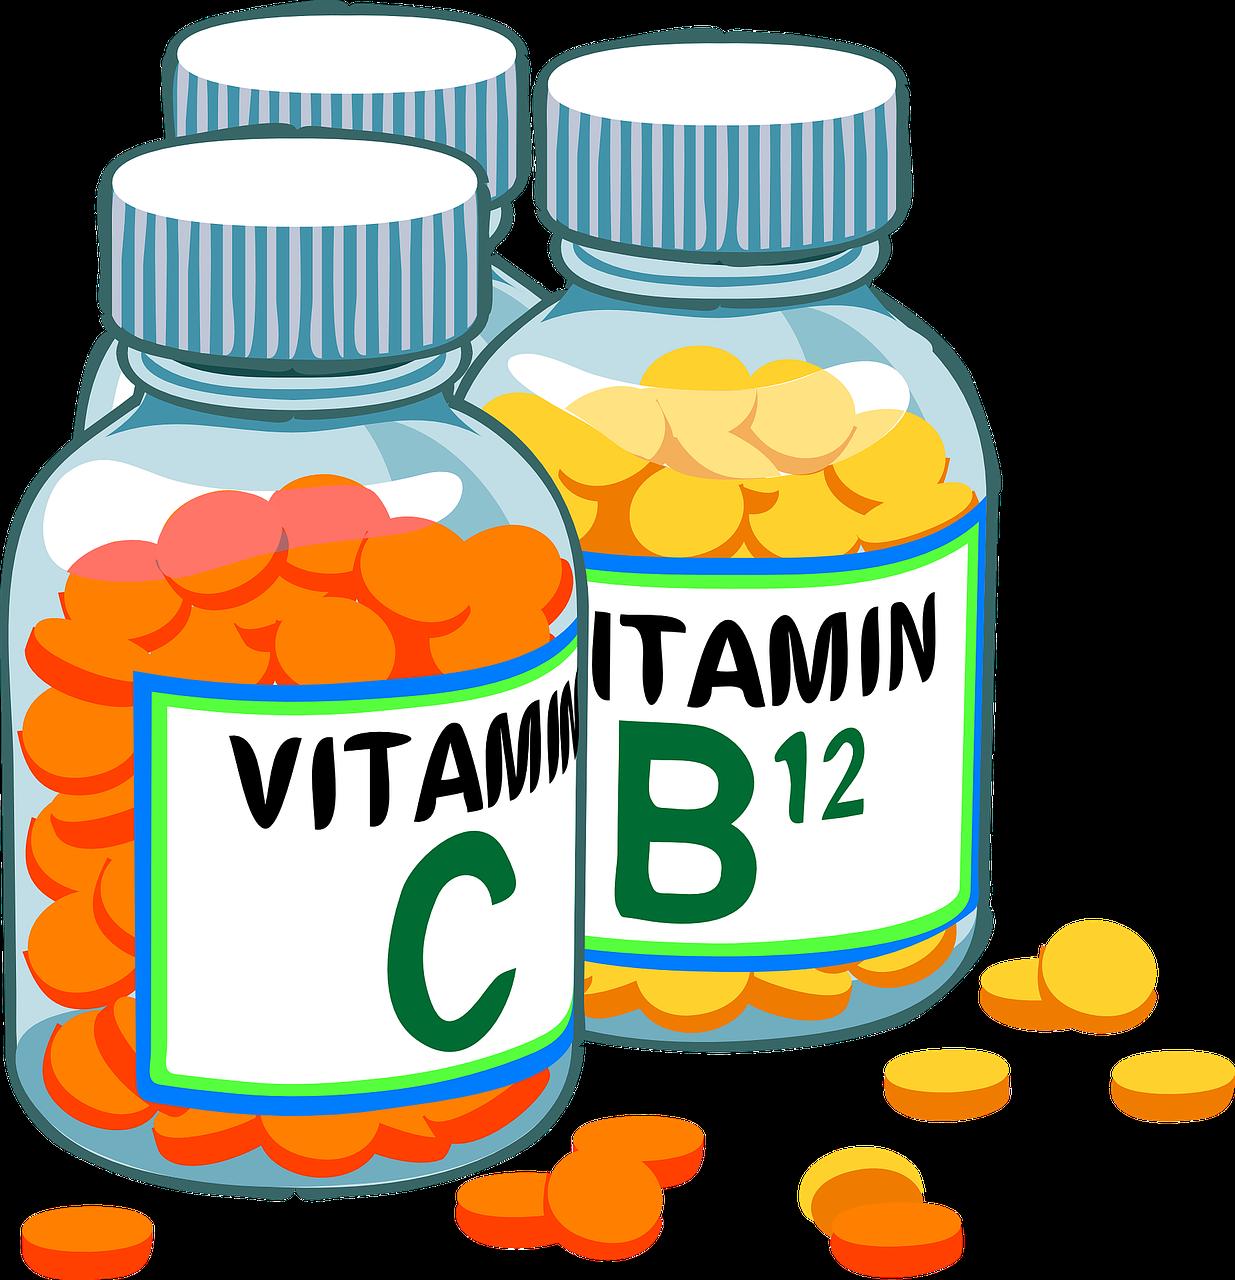 L'acne potrebbe essere causata da un eccesso di vitamina B12